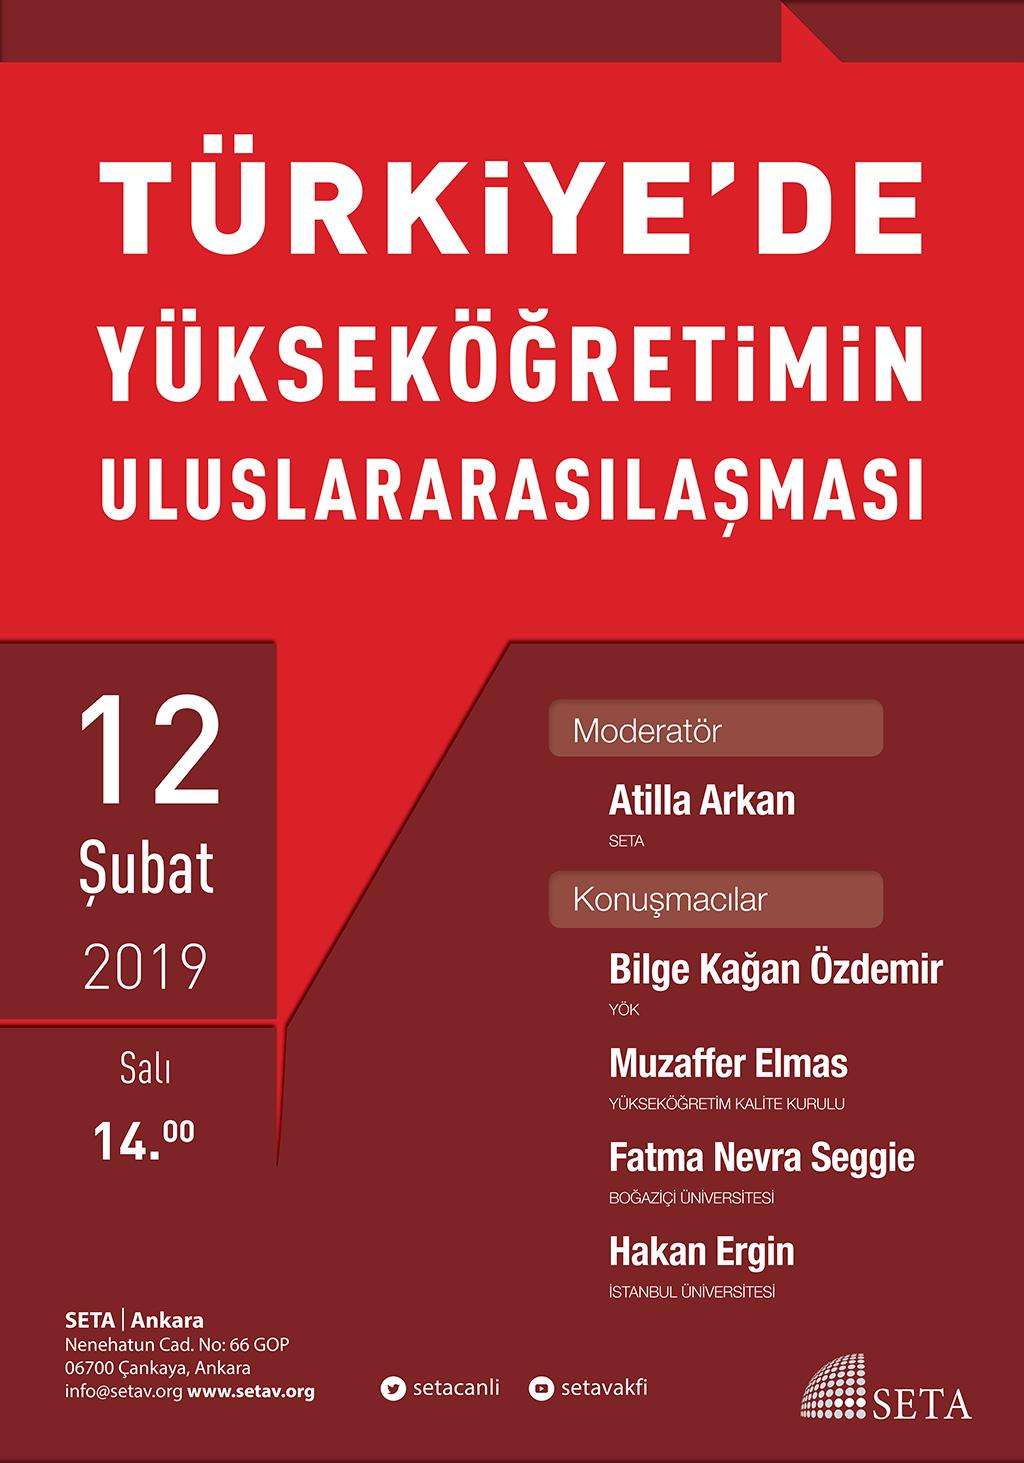 Panel: Türkiye'de Yükseköğretimin Uluslararasılaşması